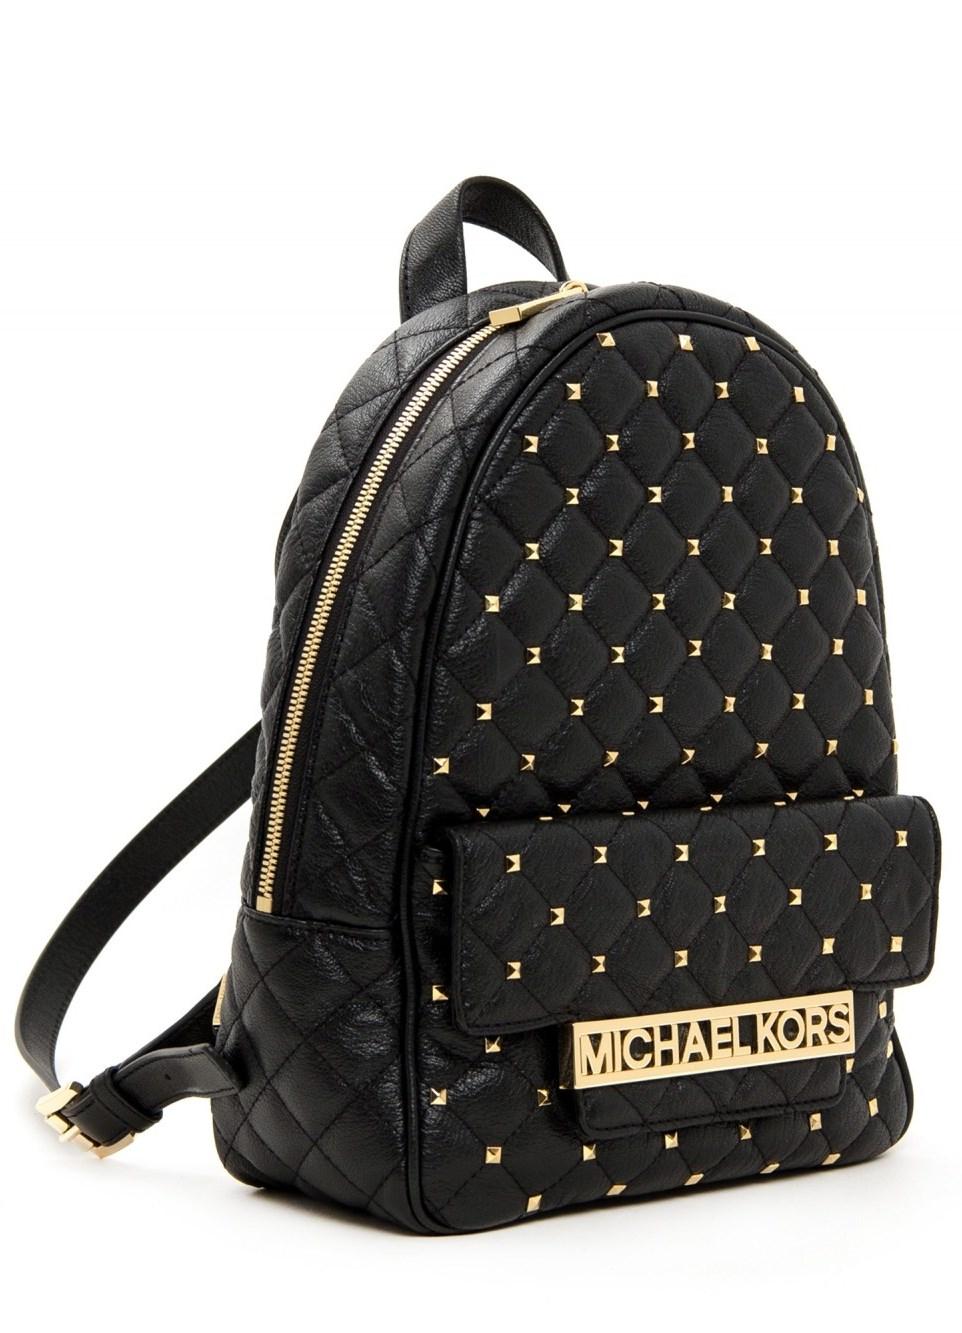 Майкл корс рюкзаки фото школьные рюкзаки на колесах с защитой на колесах